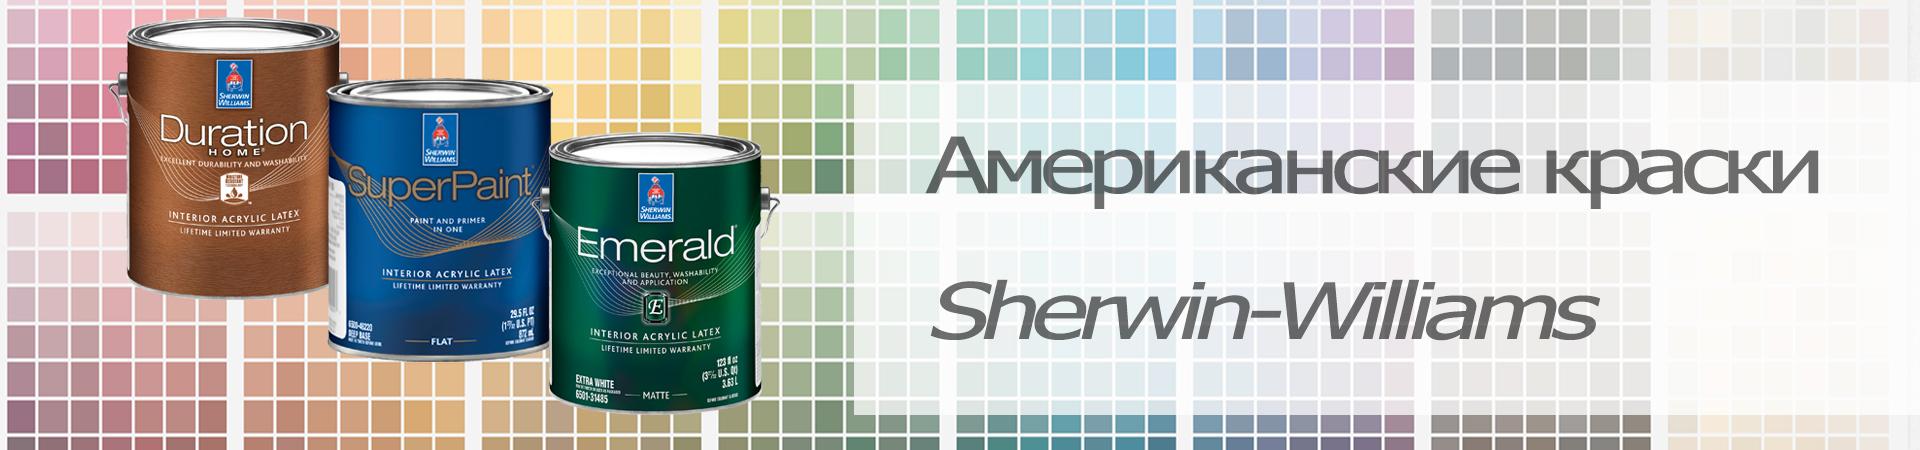 Американские краски Sherwin-Williams